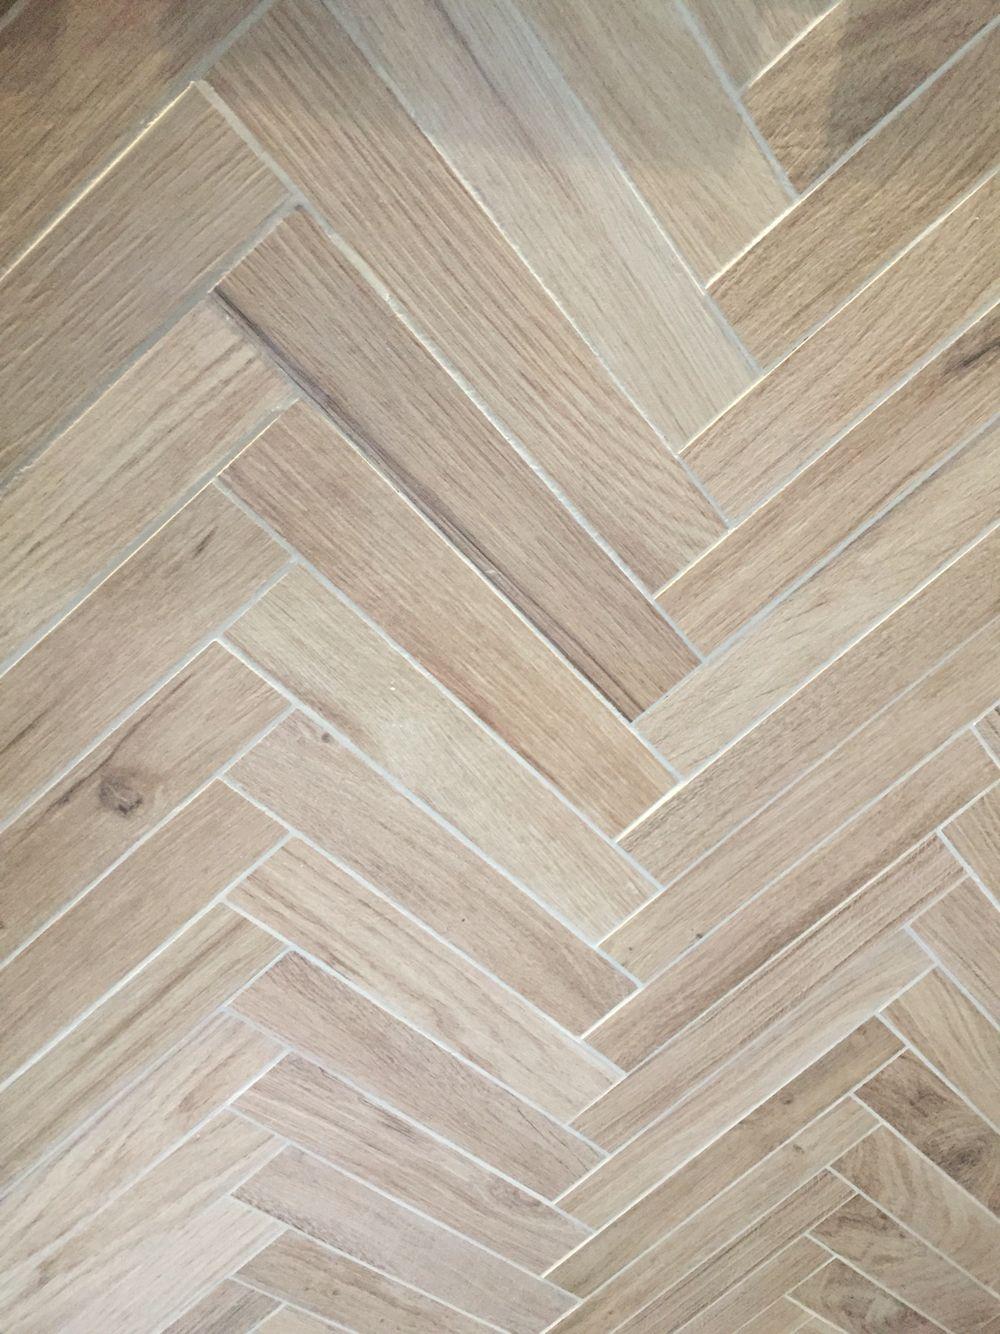 Atlas concorde etic pro houtlook tegels visgraat keramisch parket pinterest concorde - Betegeld wit parket effect ...